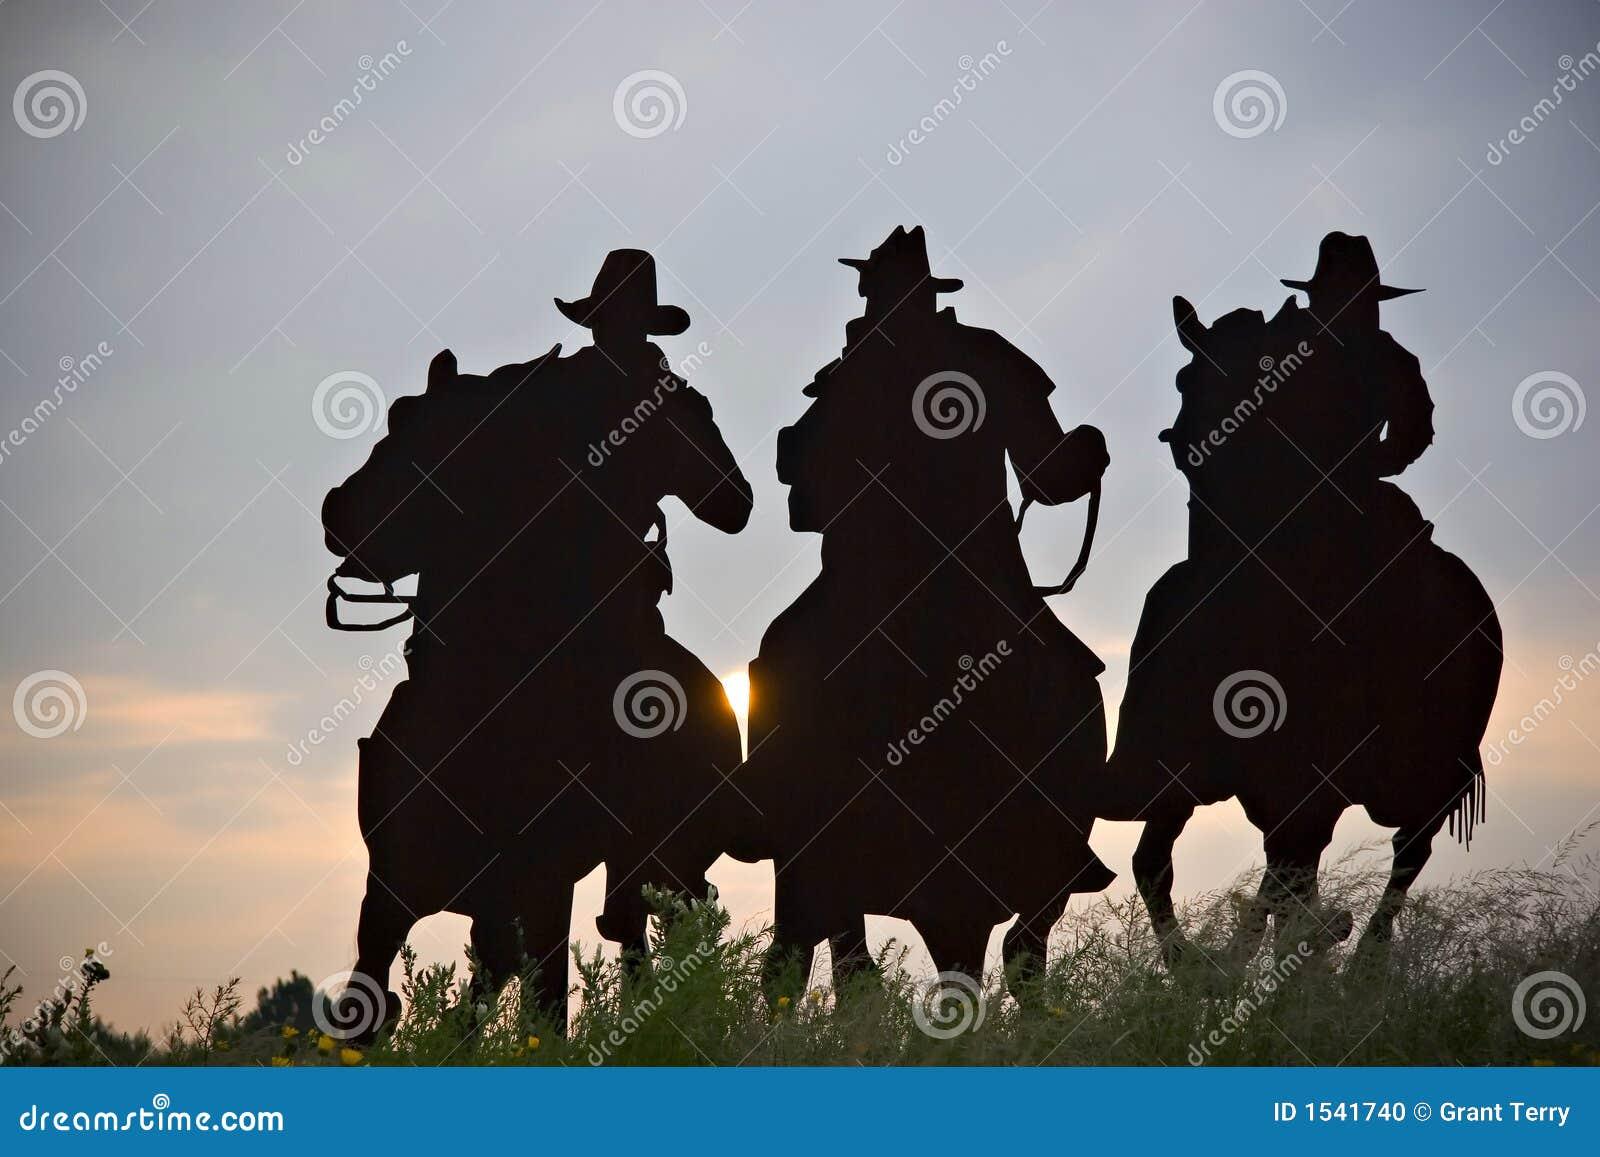 Sylwetka kowboju.